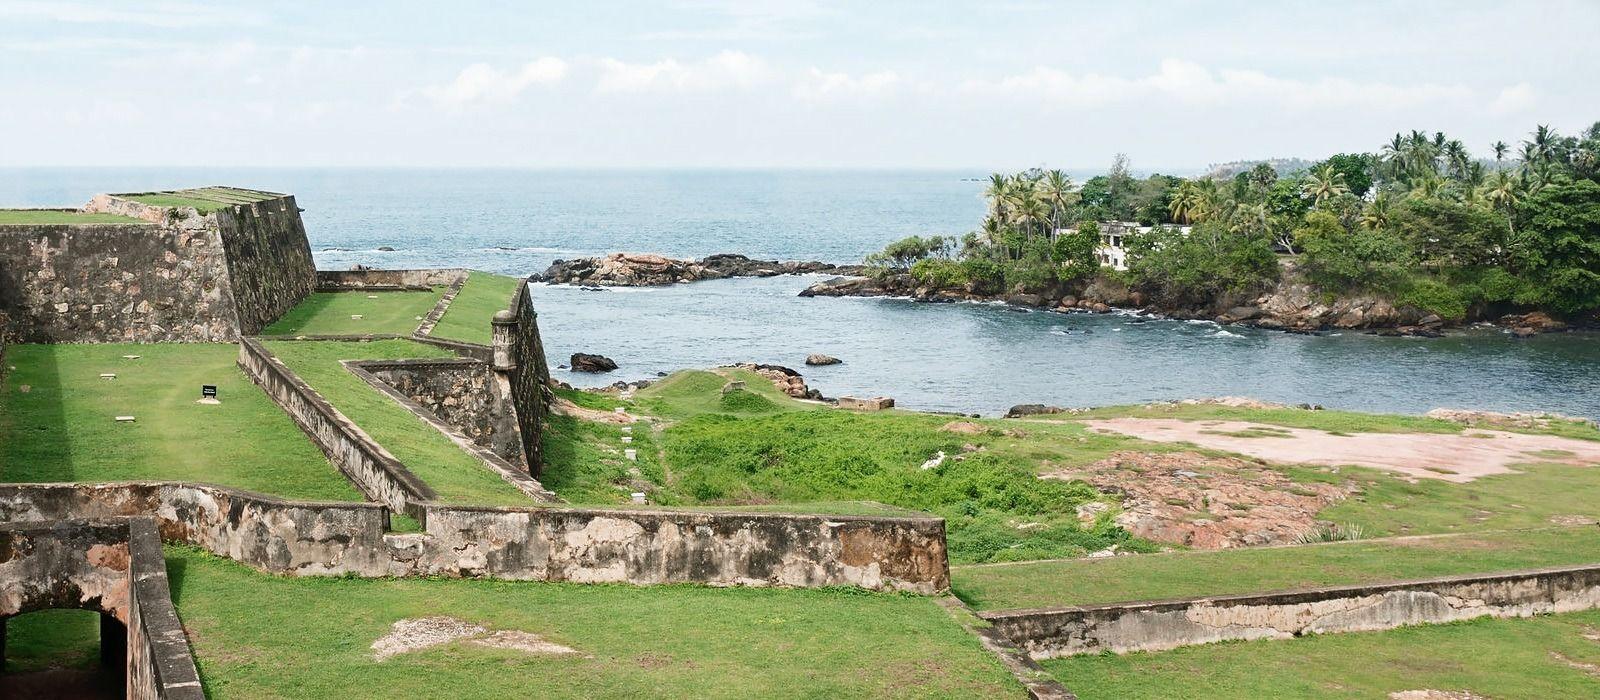 Kultur, Strand & Safaris in Sri Lanka Urlaub 4